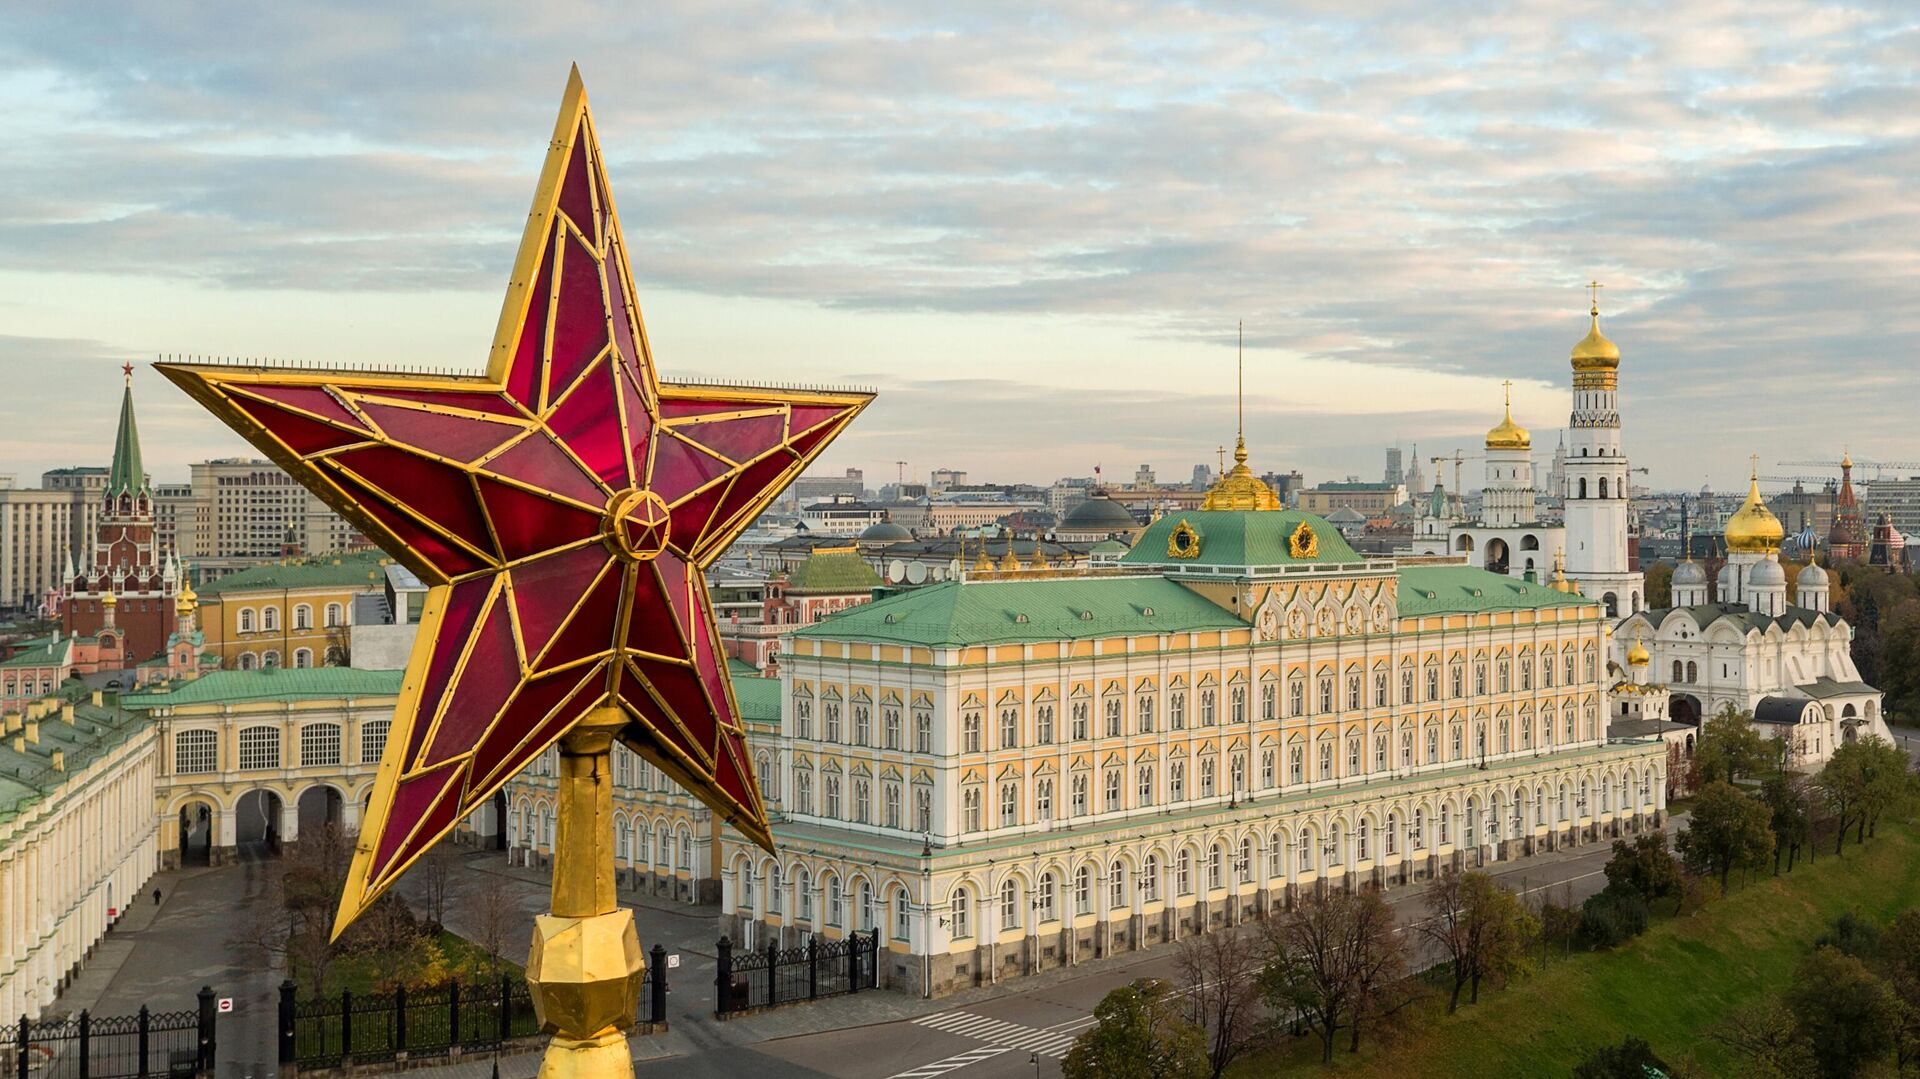 Звезда на Водовзводной башне Московского Кремля - РИА Новости, 1920, 09.04.2021